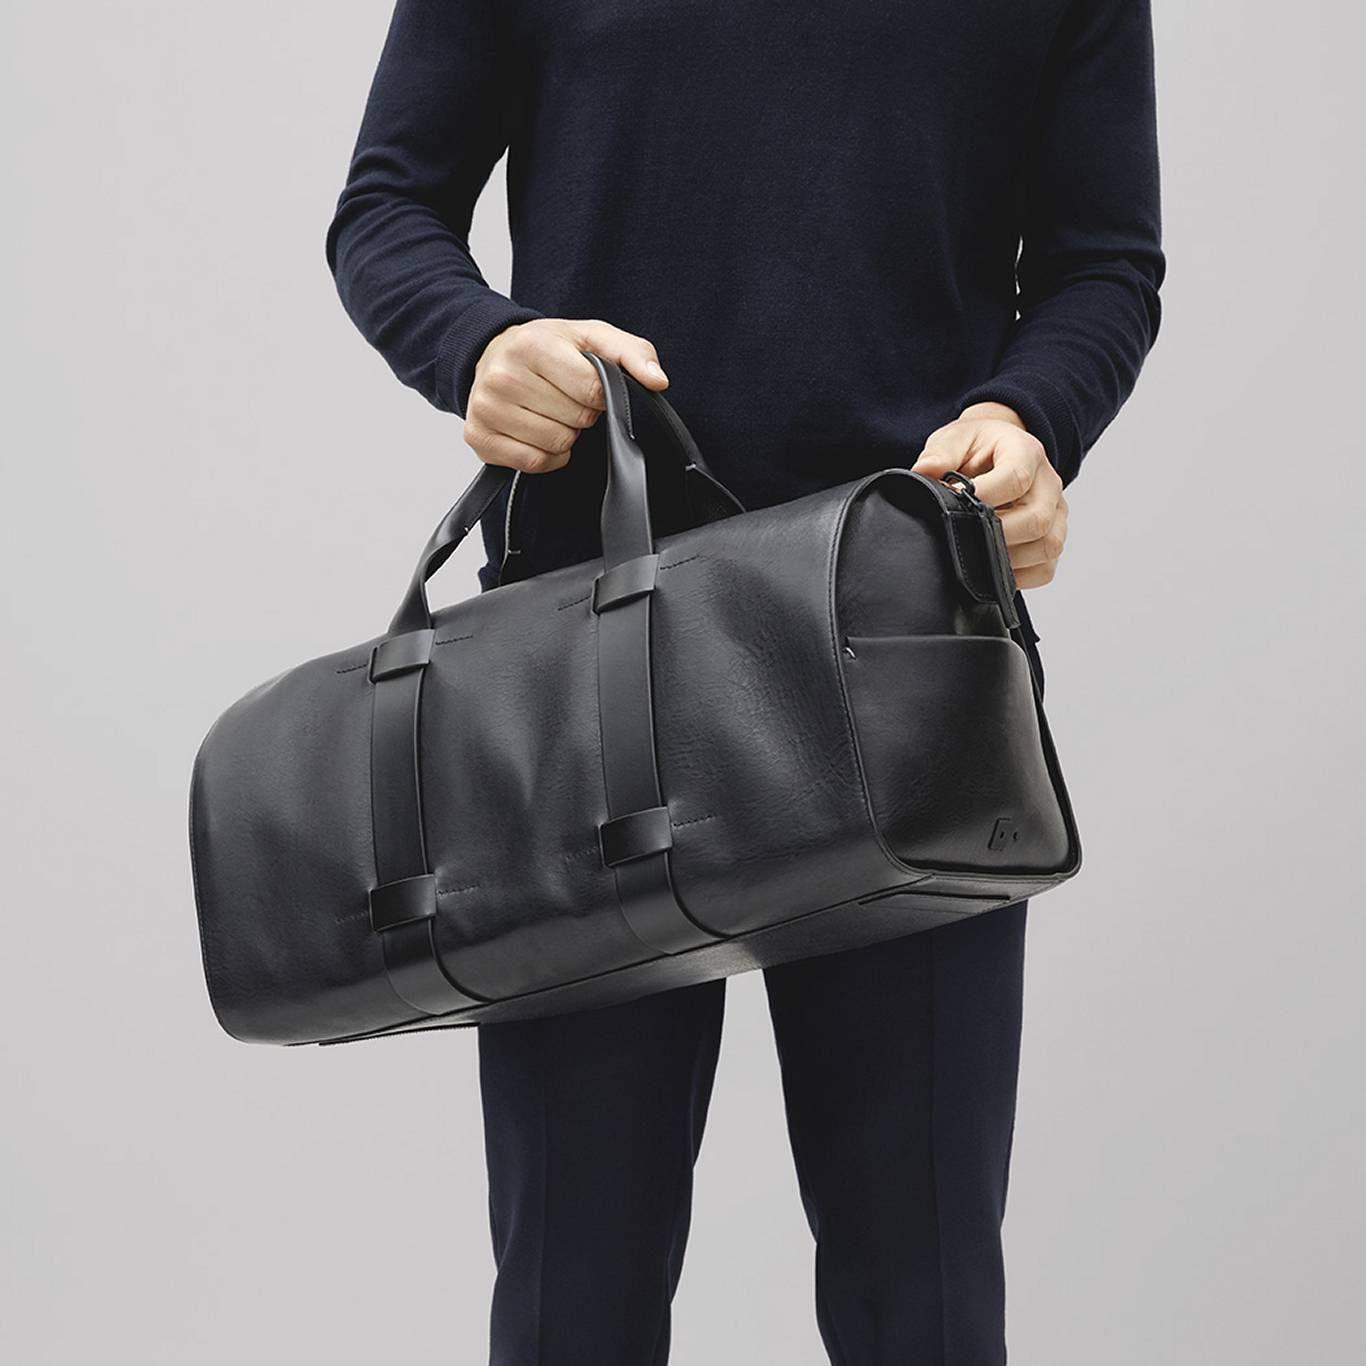 a430844d9 Getaway Day Bag в 2019 г. | Мужские сумки | Bags, Day bag и Leather